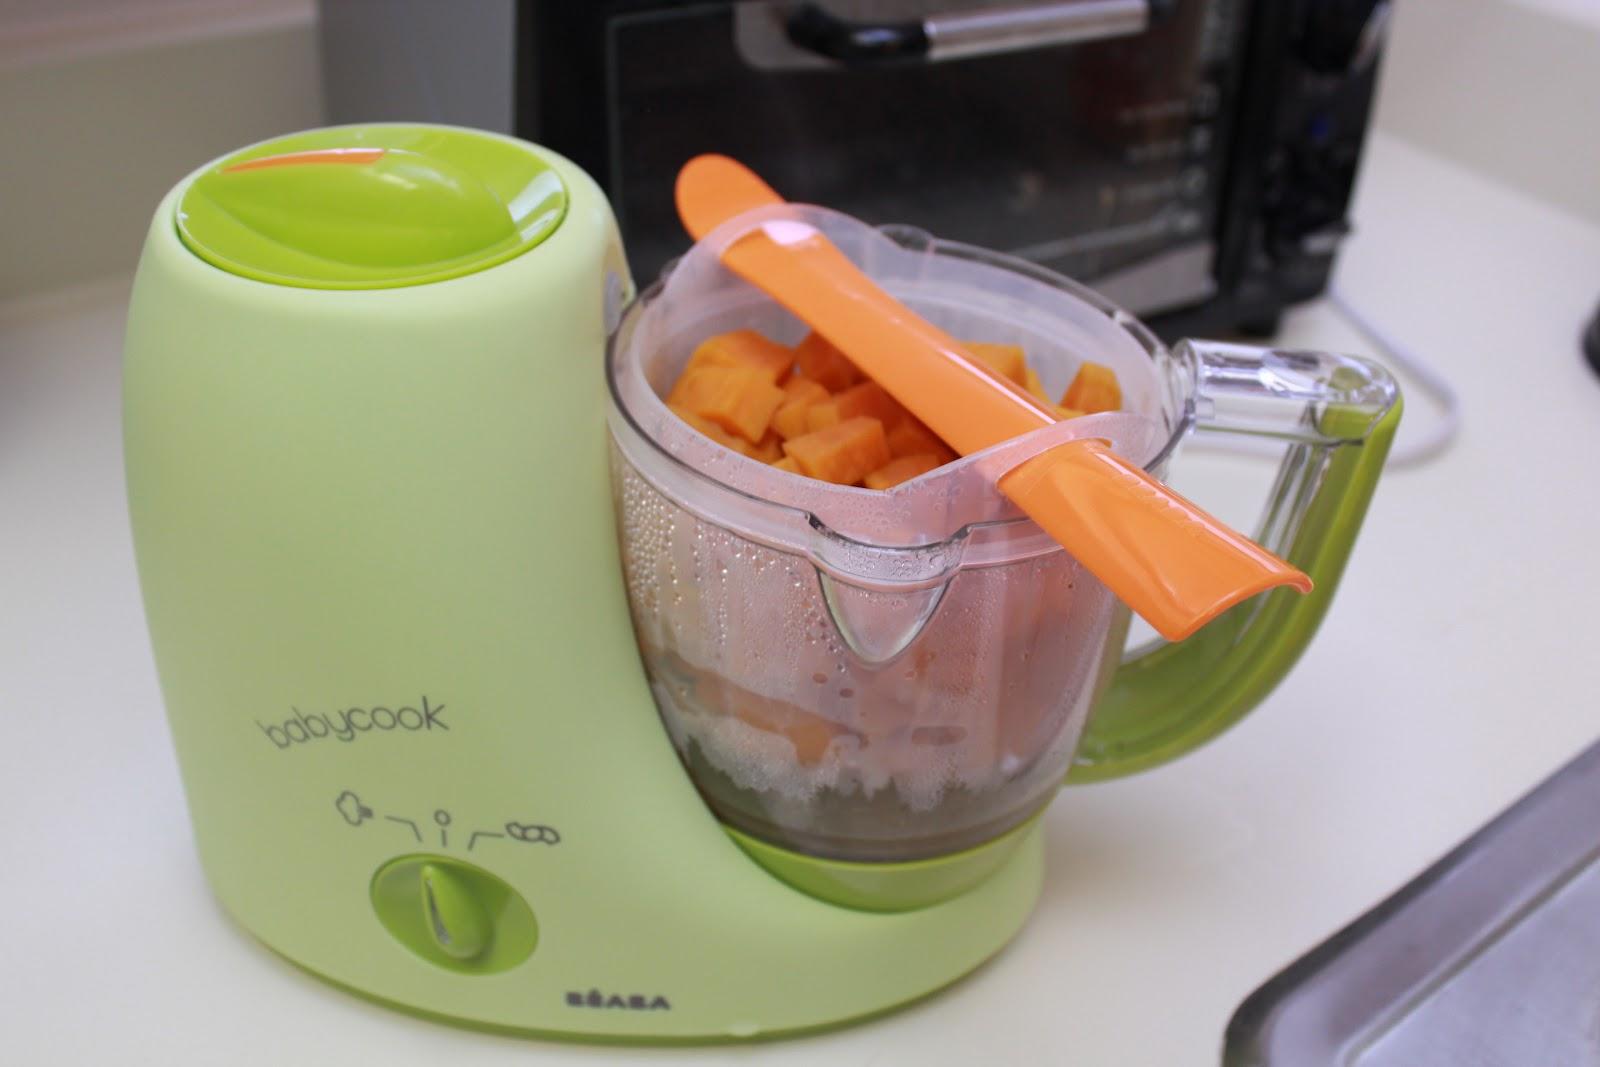 baby cook machine